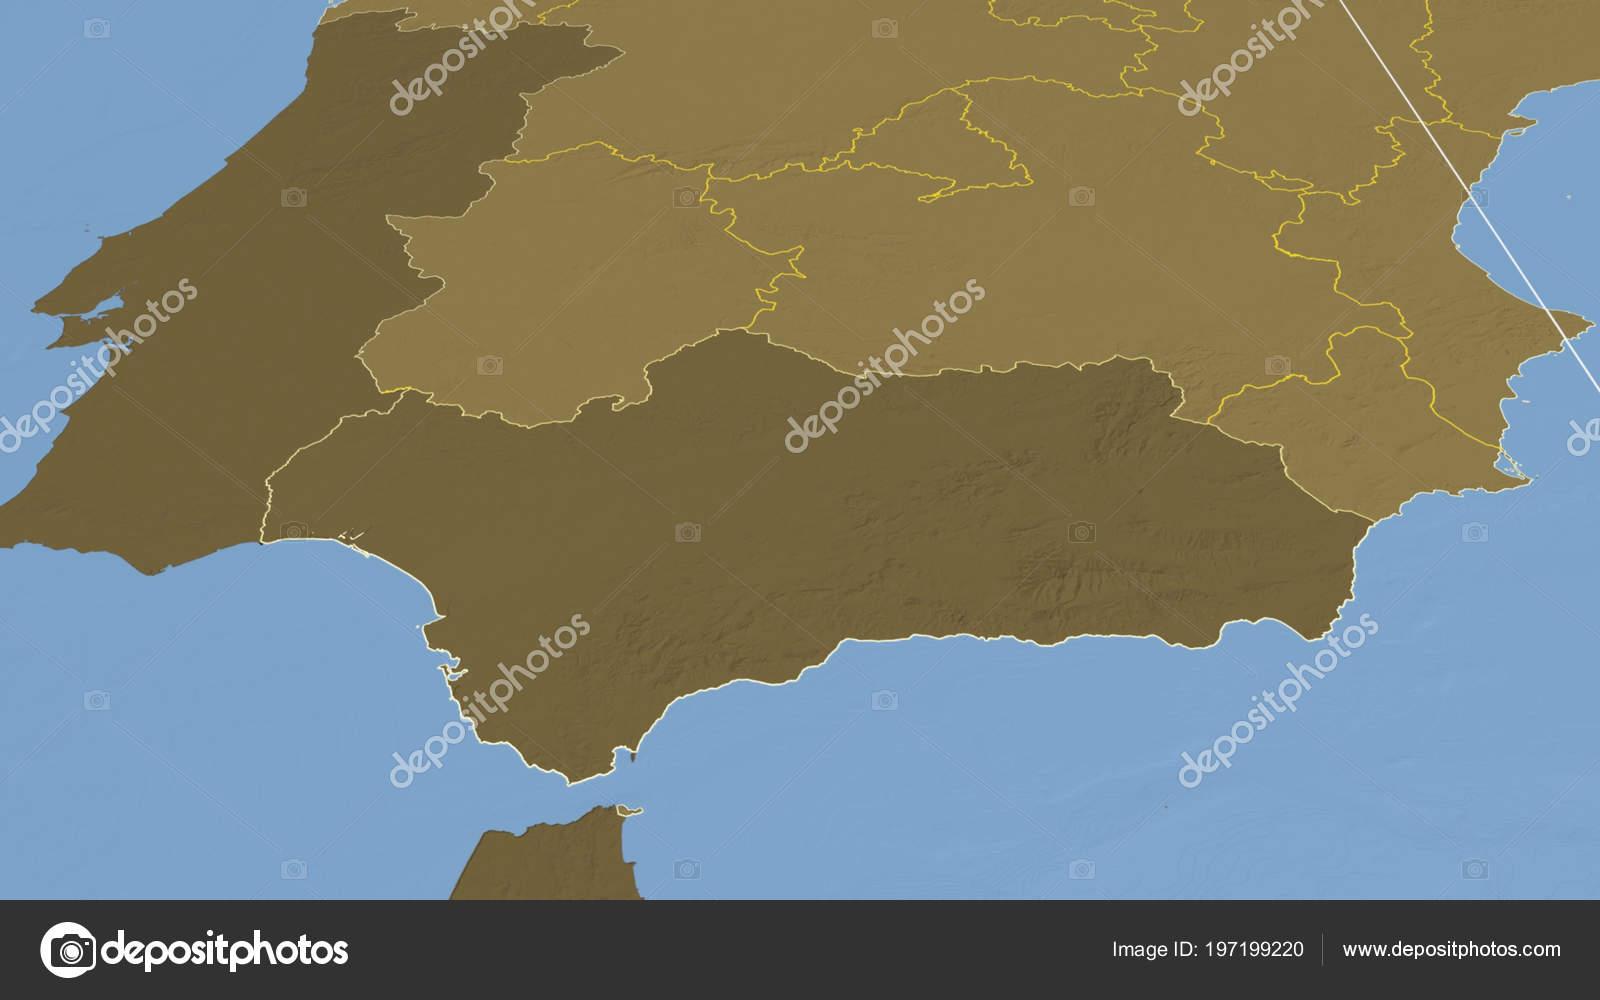 Andaluzia Regiao Espanha Que Delineou Mapa Elevacao Dois Niveis